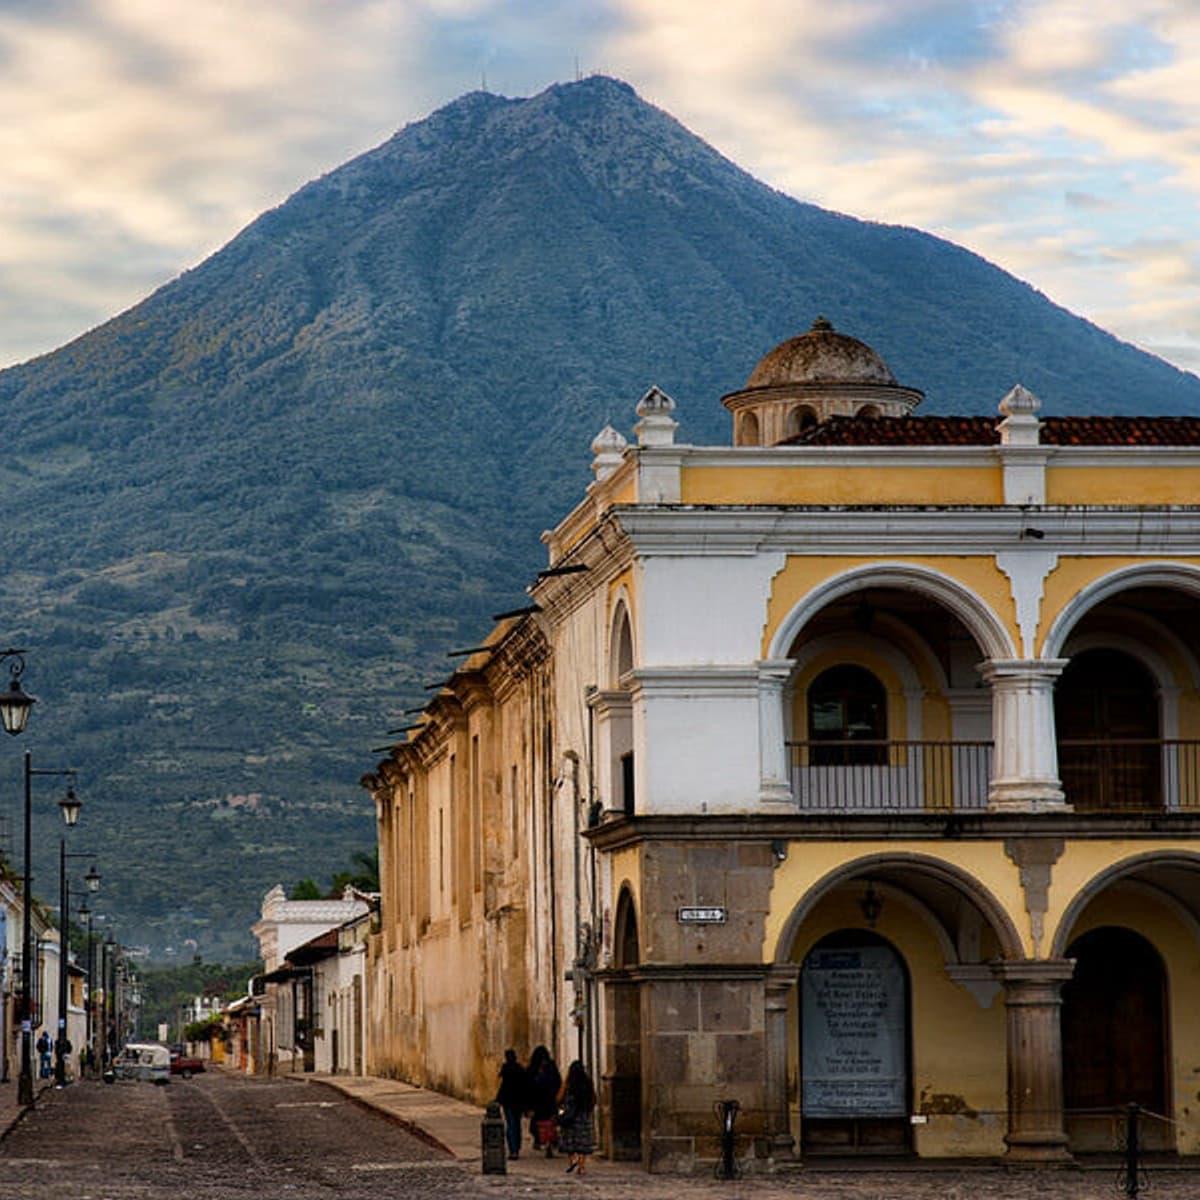 Antigua Parque Central Agua Volcano